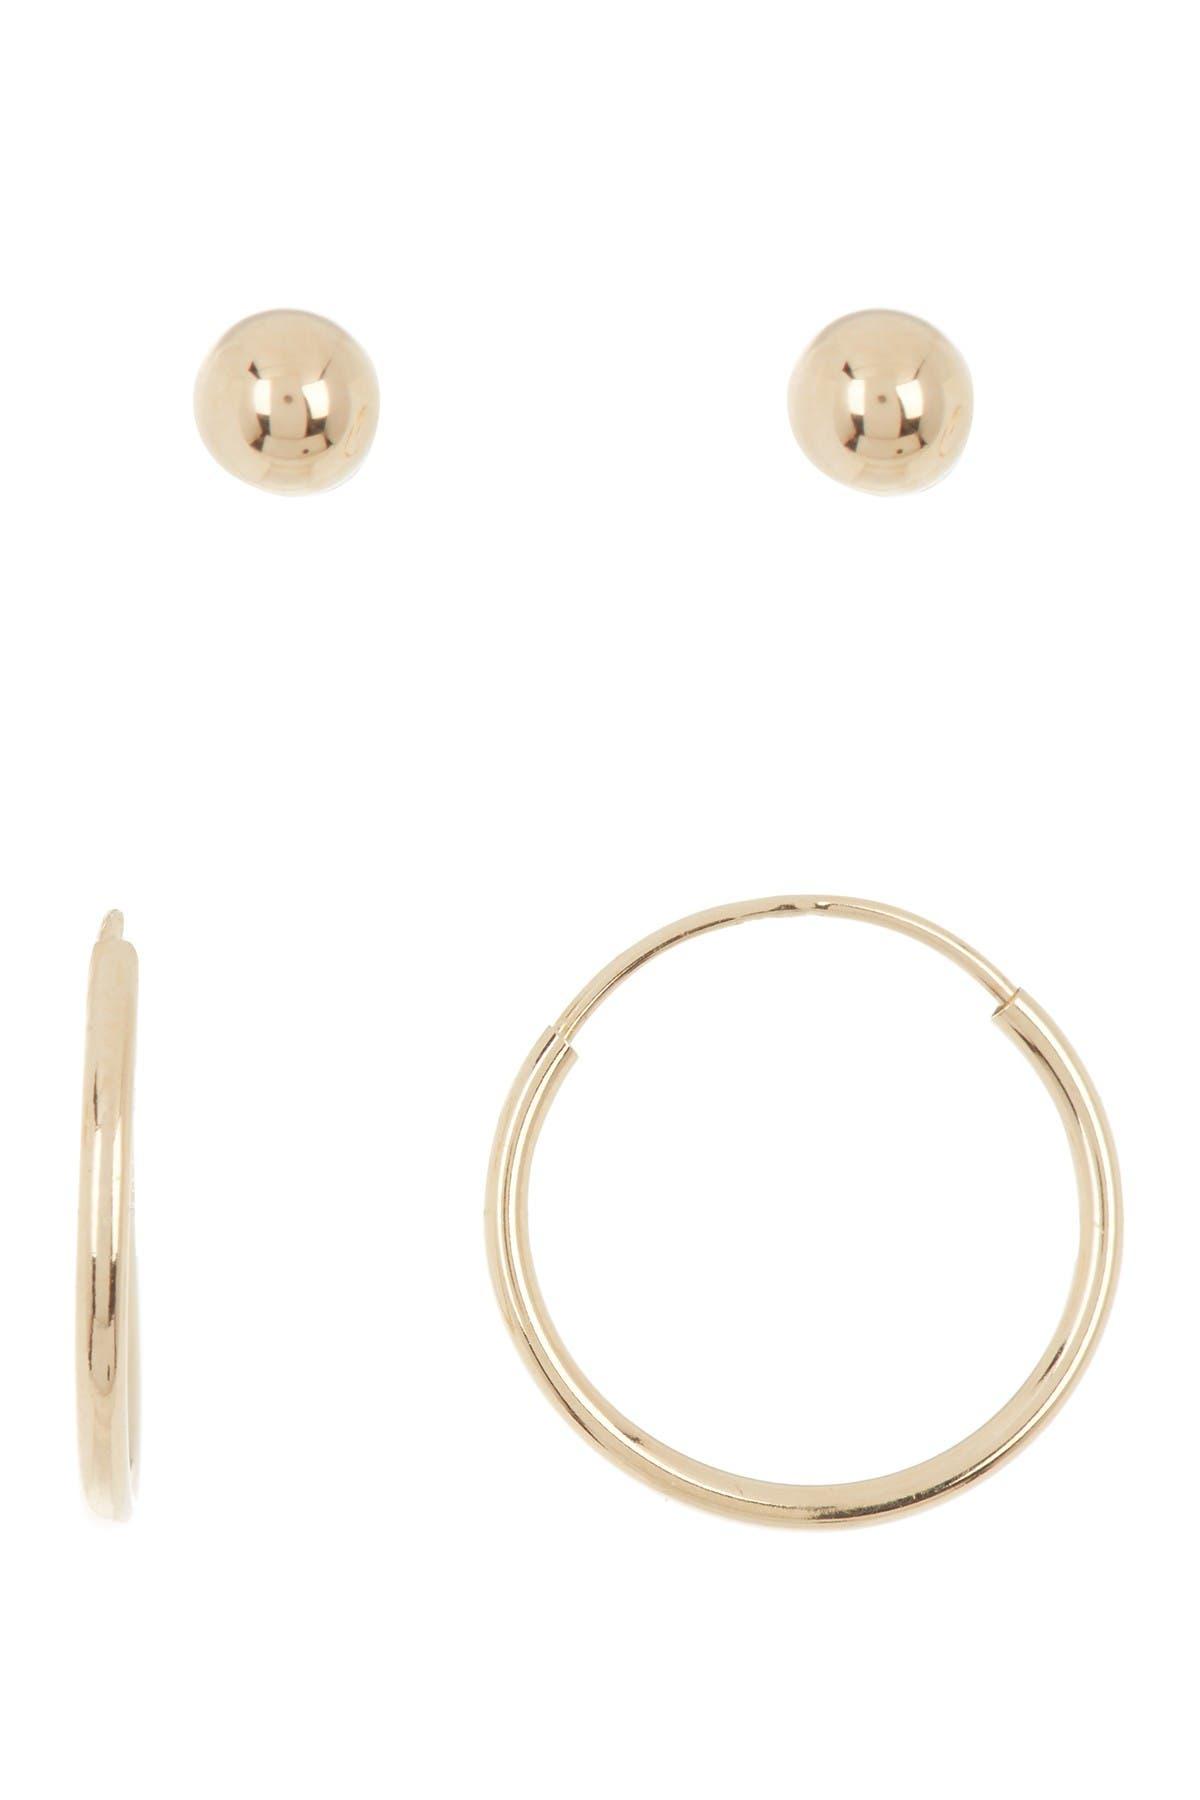 Image of Candela 14K Gold Hoop & Stud Earrings Set